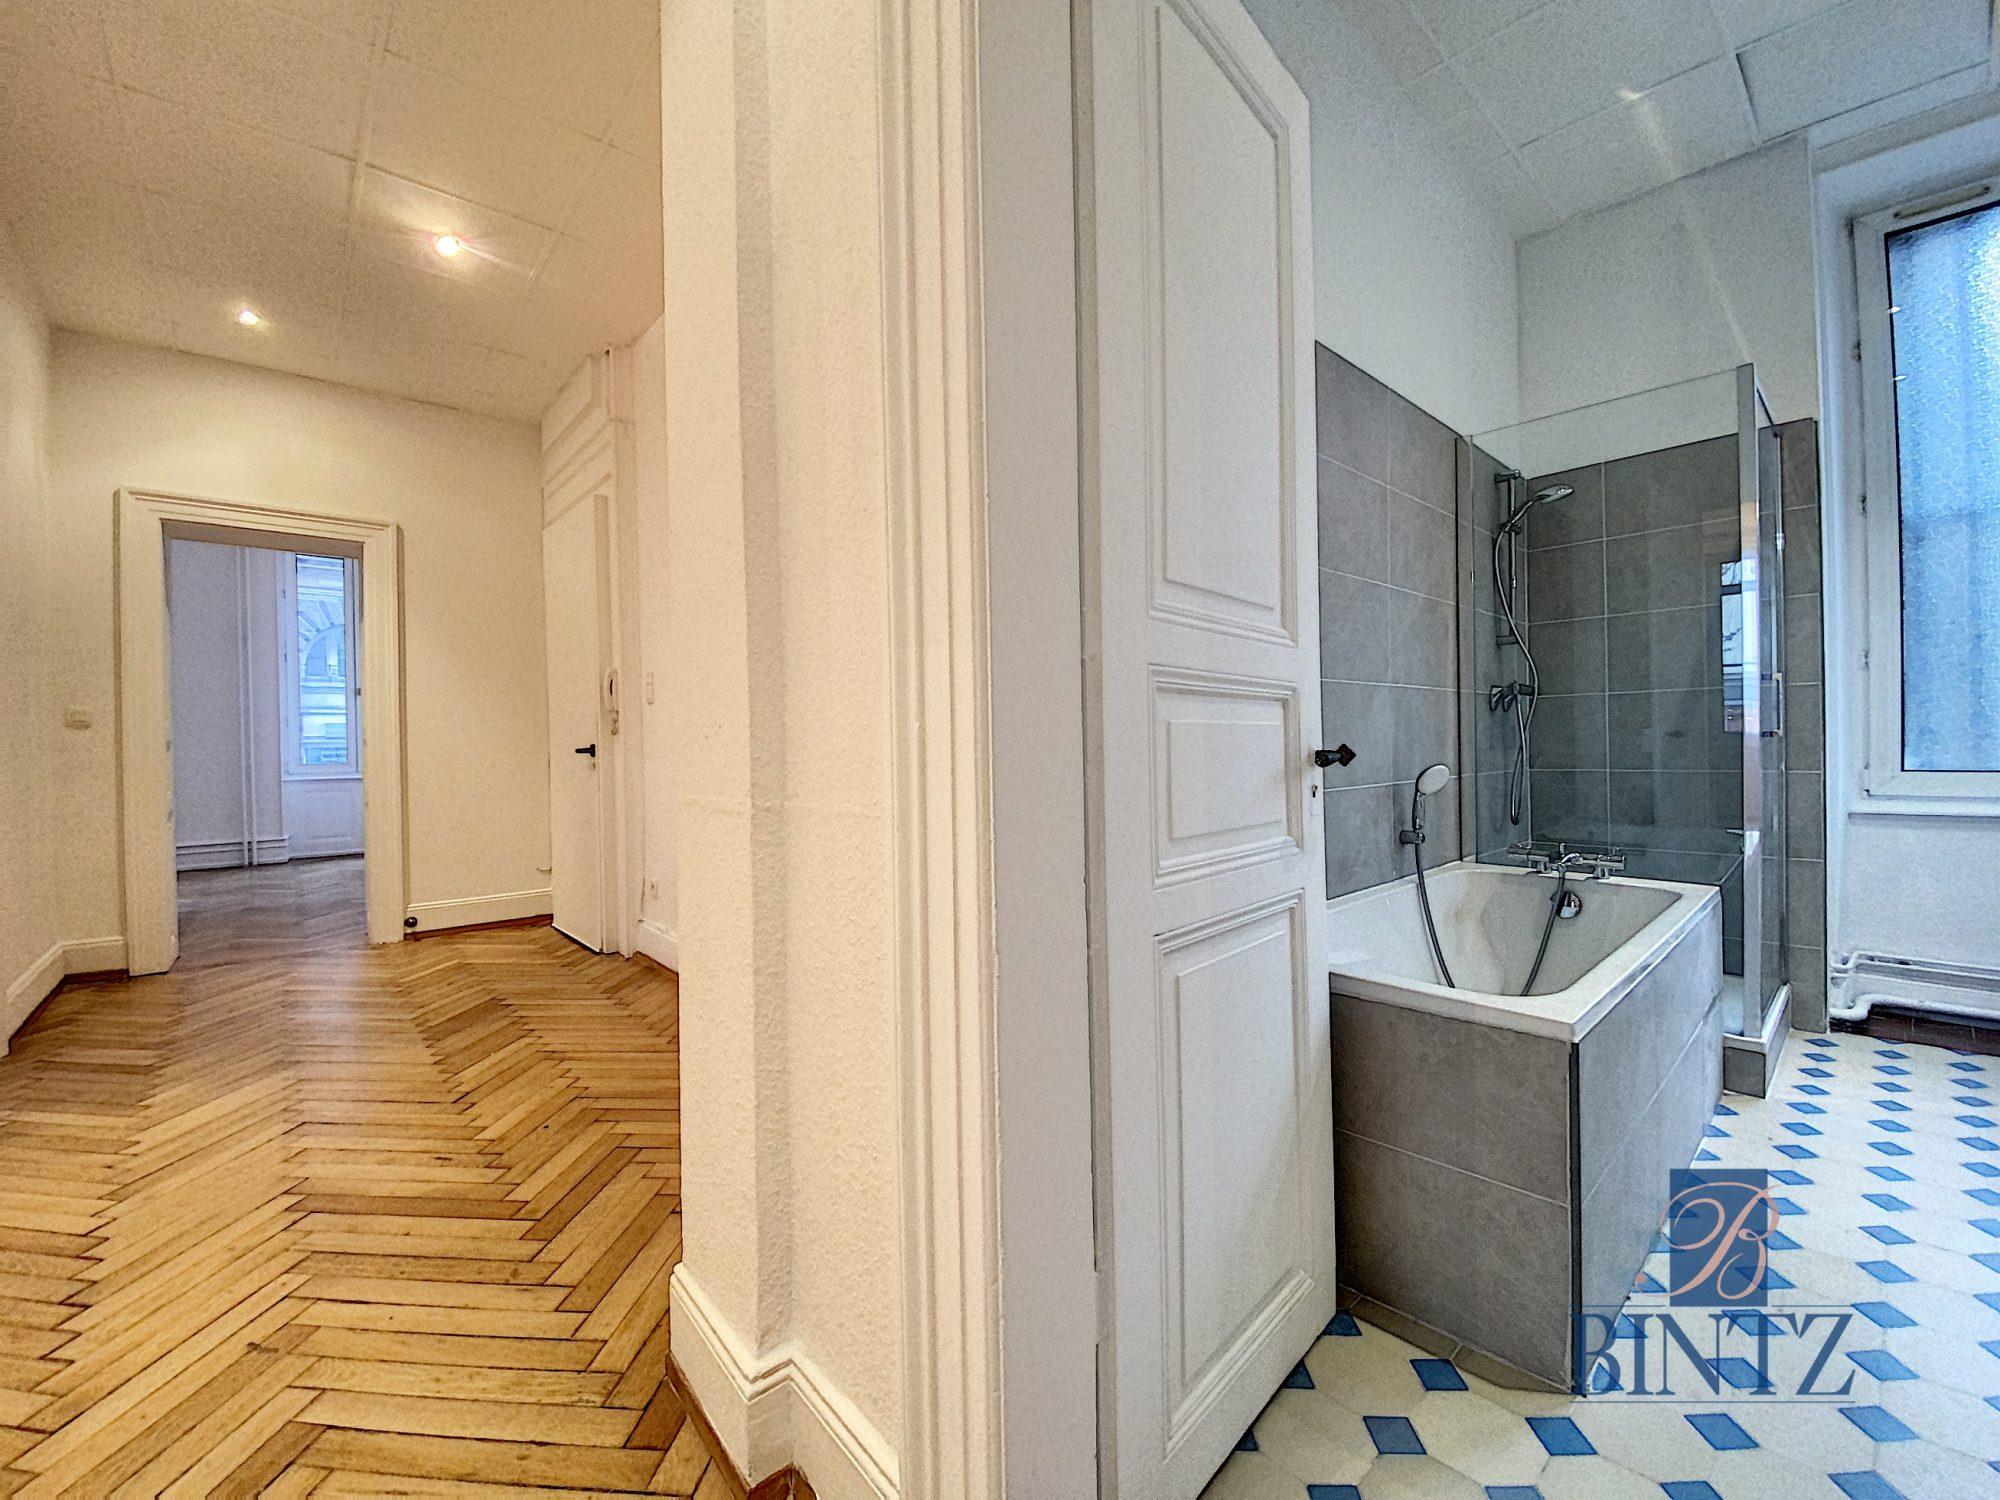 5 pièces rue Wimpheling - Devenez locataire en toute sérénité - Bintz Immobilier - 6